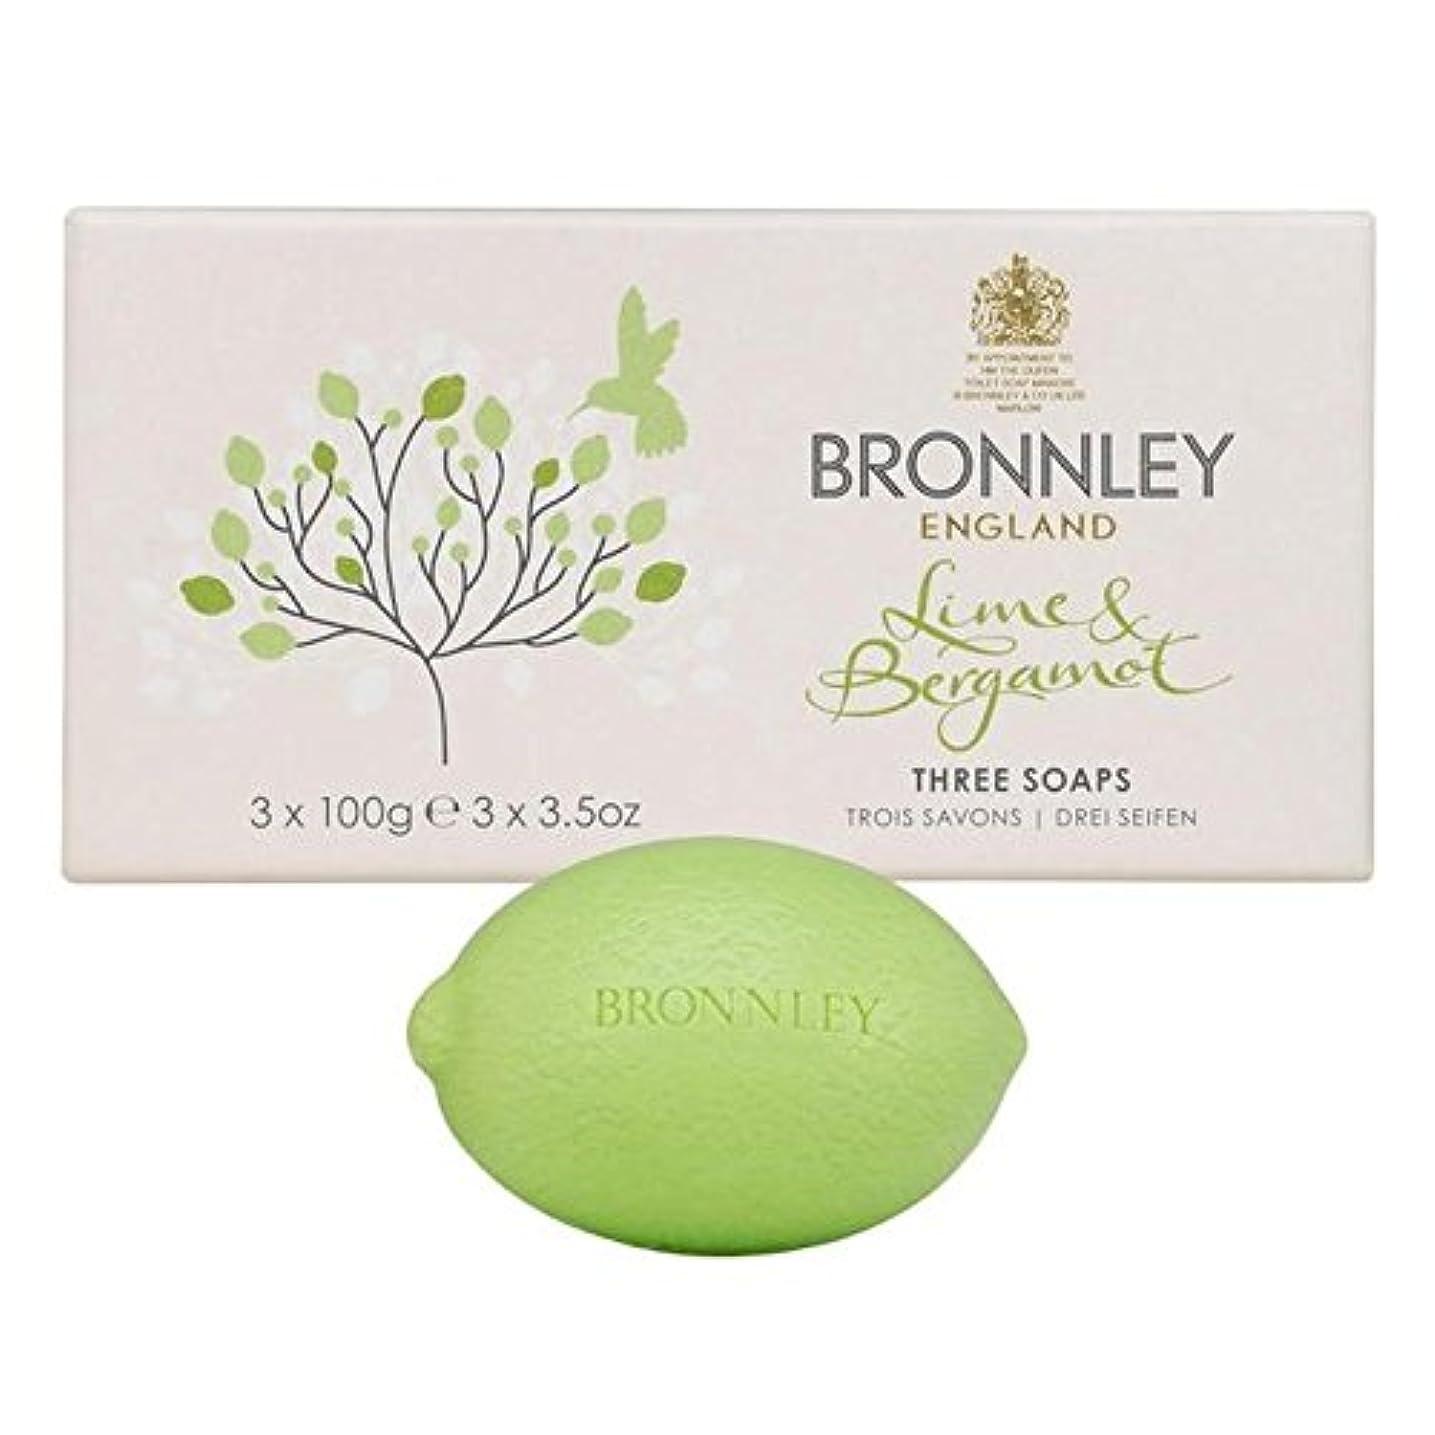 を通して演劇実施するライム&ベルガモット石鹸3×100グラム x4 - Bronnley Lime & Bergamot Soap 3 x 100g (Pack of 4) [並行輸入品]